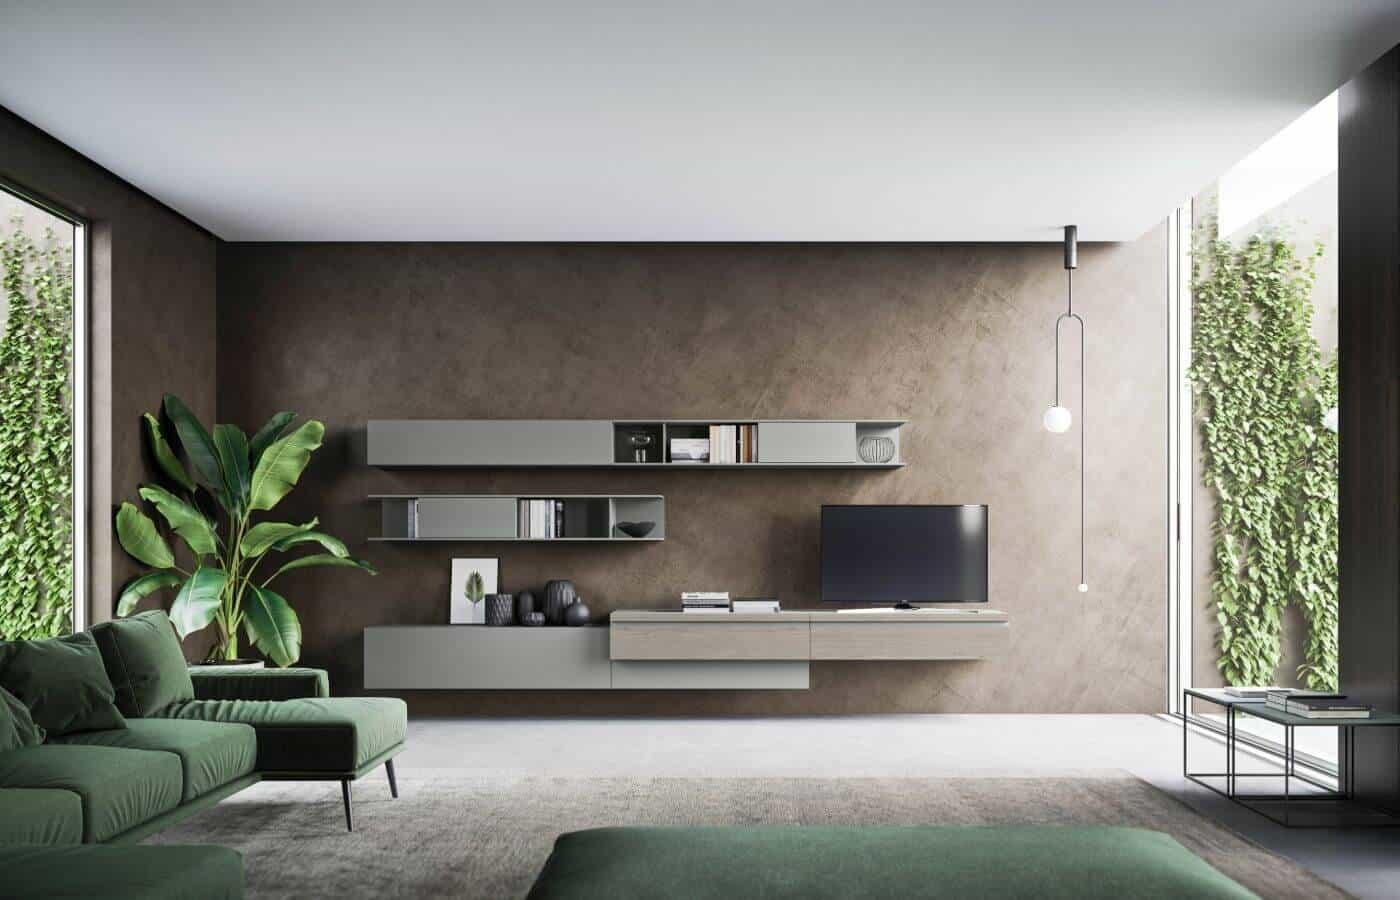 zona-giorno-parete-attrezzata-collezione-ibiza-il-mobile (2)